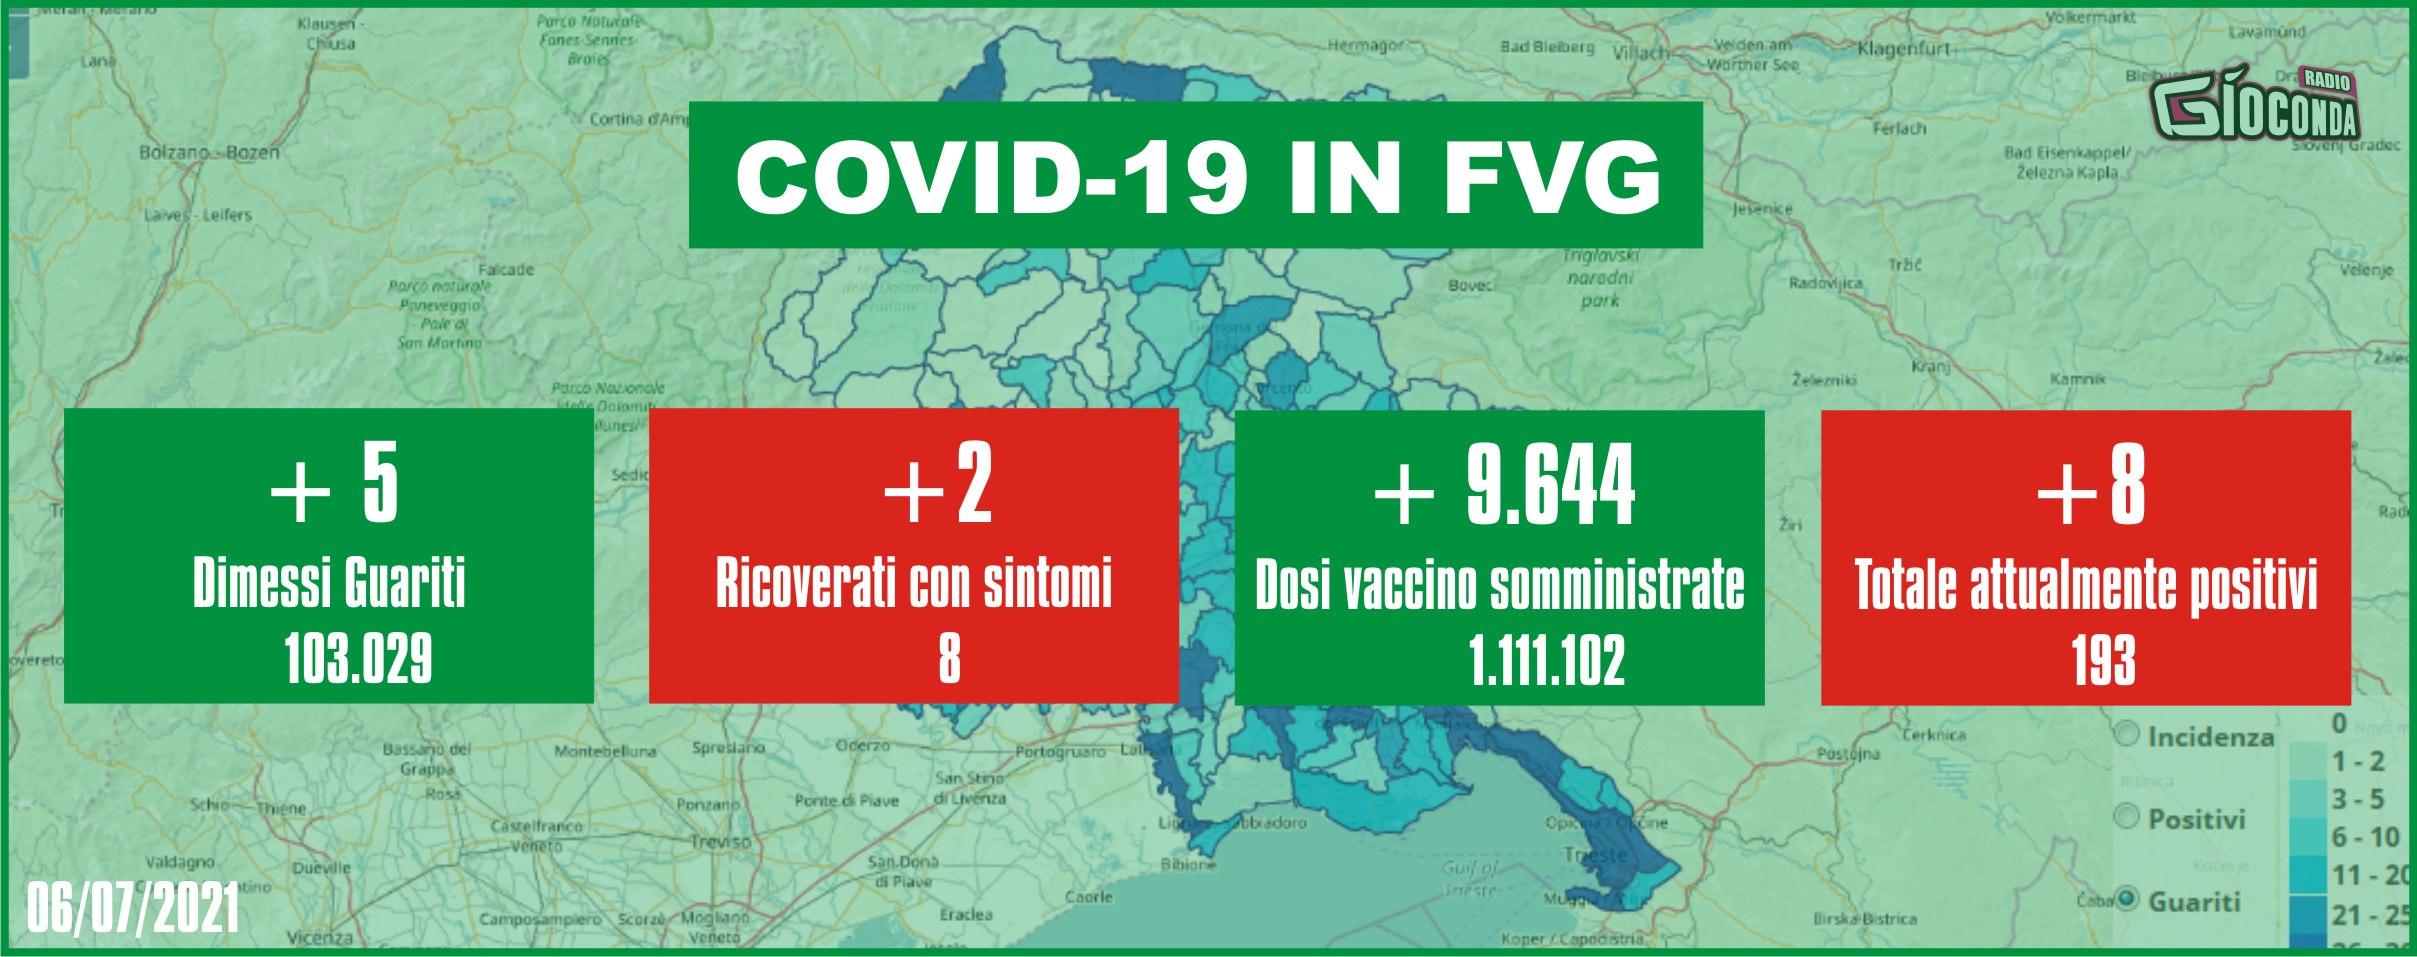 6 luglio 2021 - Aggiornamento casi Covid-19 Dati aggregati quotidiani FRIULI VENEZIA GIULIA